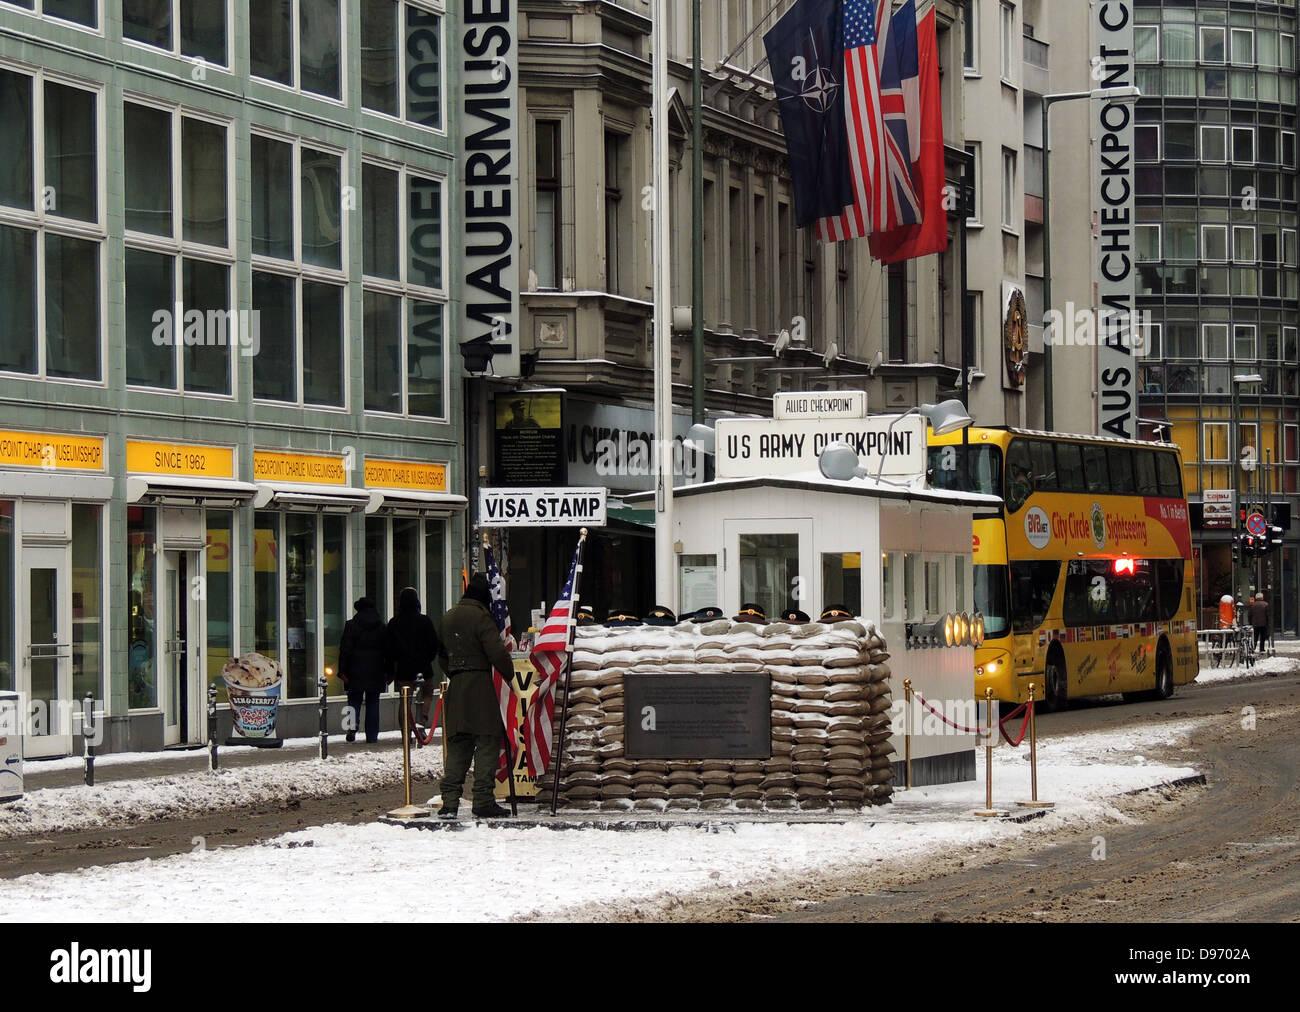 El Checkpoint Charlie. El Checkpoint Charlie fue el nombre dado por los aliados occidentales al más conocido Imagen De Stock